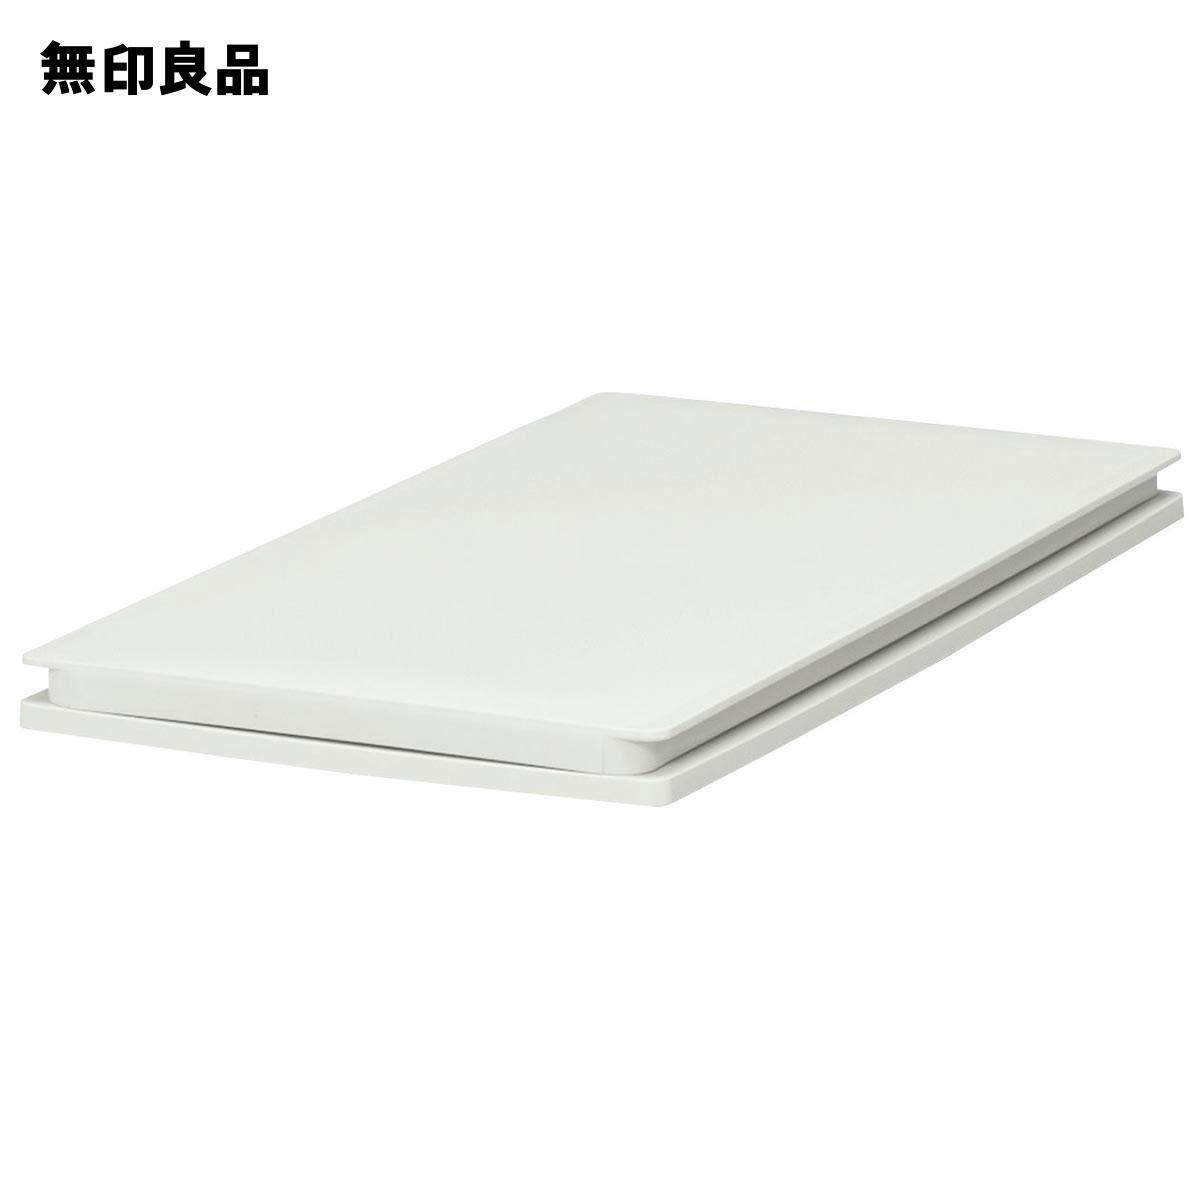 【無印良品 公式】ポリプロピレンフタが選べるダストボックス用フタ・横開き用 約幅22.5×奥行42×高さ3cm